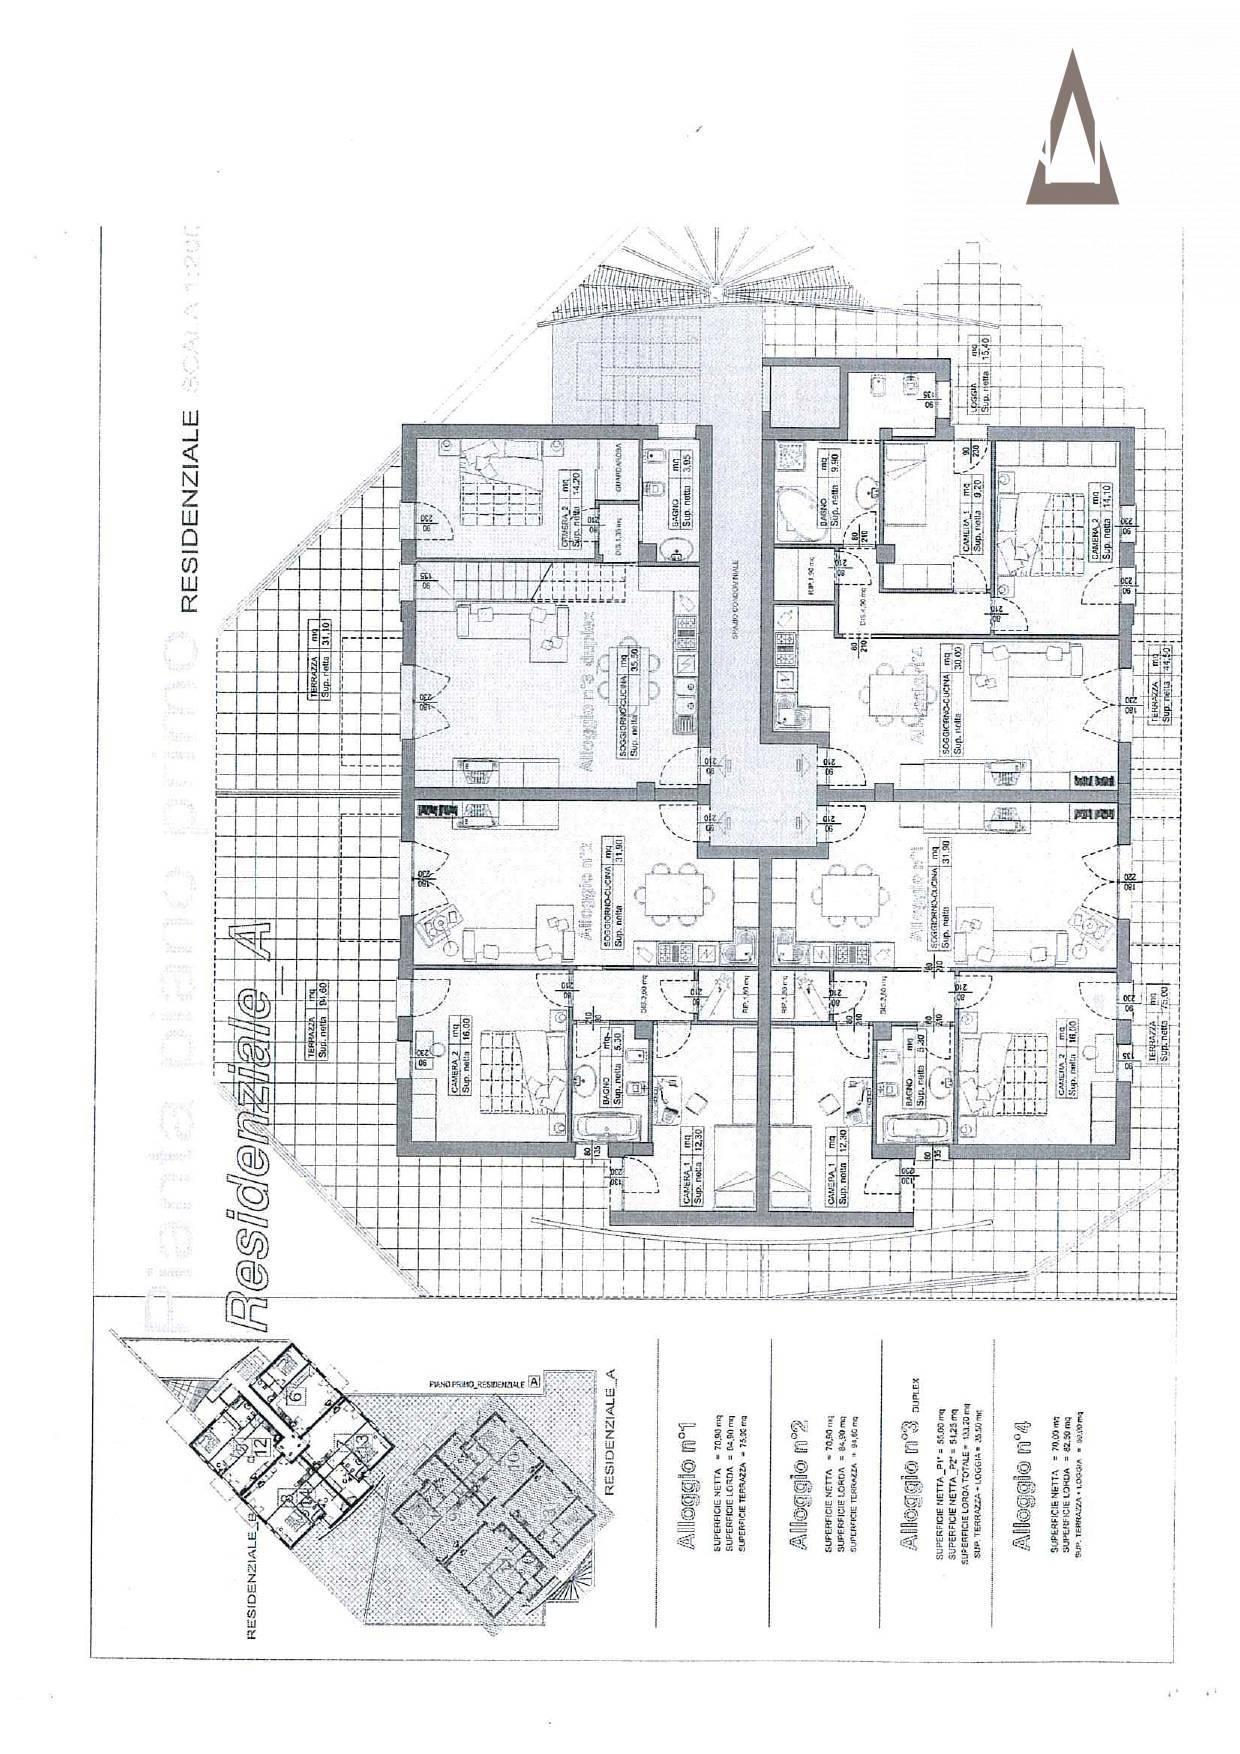 Appartamento in vendita a Fonte, 4 locali, zona Località: OnèdiFonte, prezzo € 135.000 | CambioCasa.it